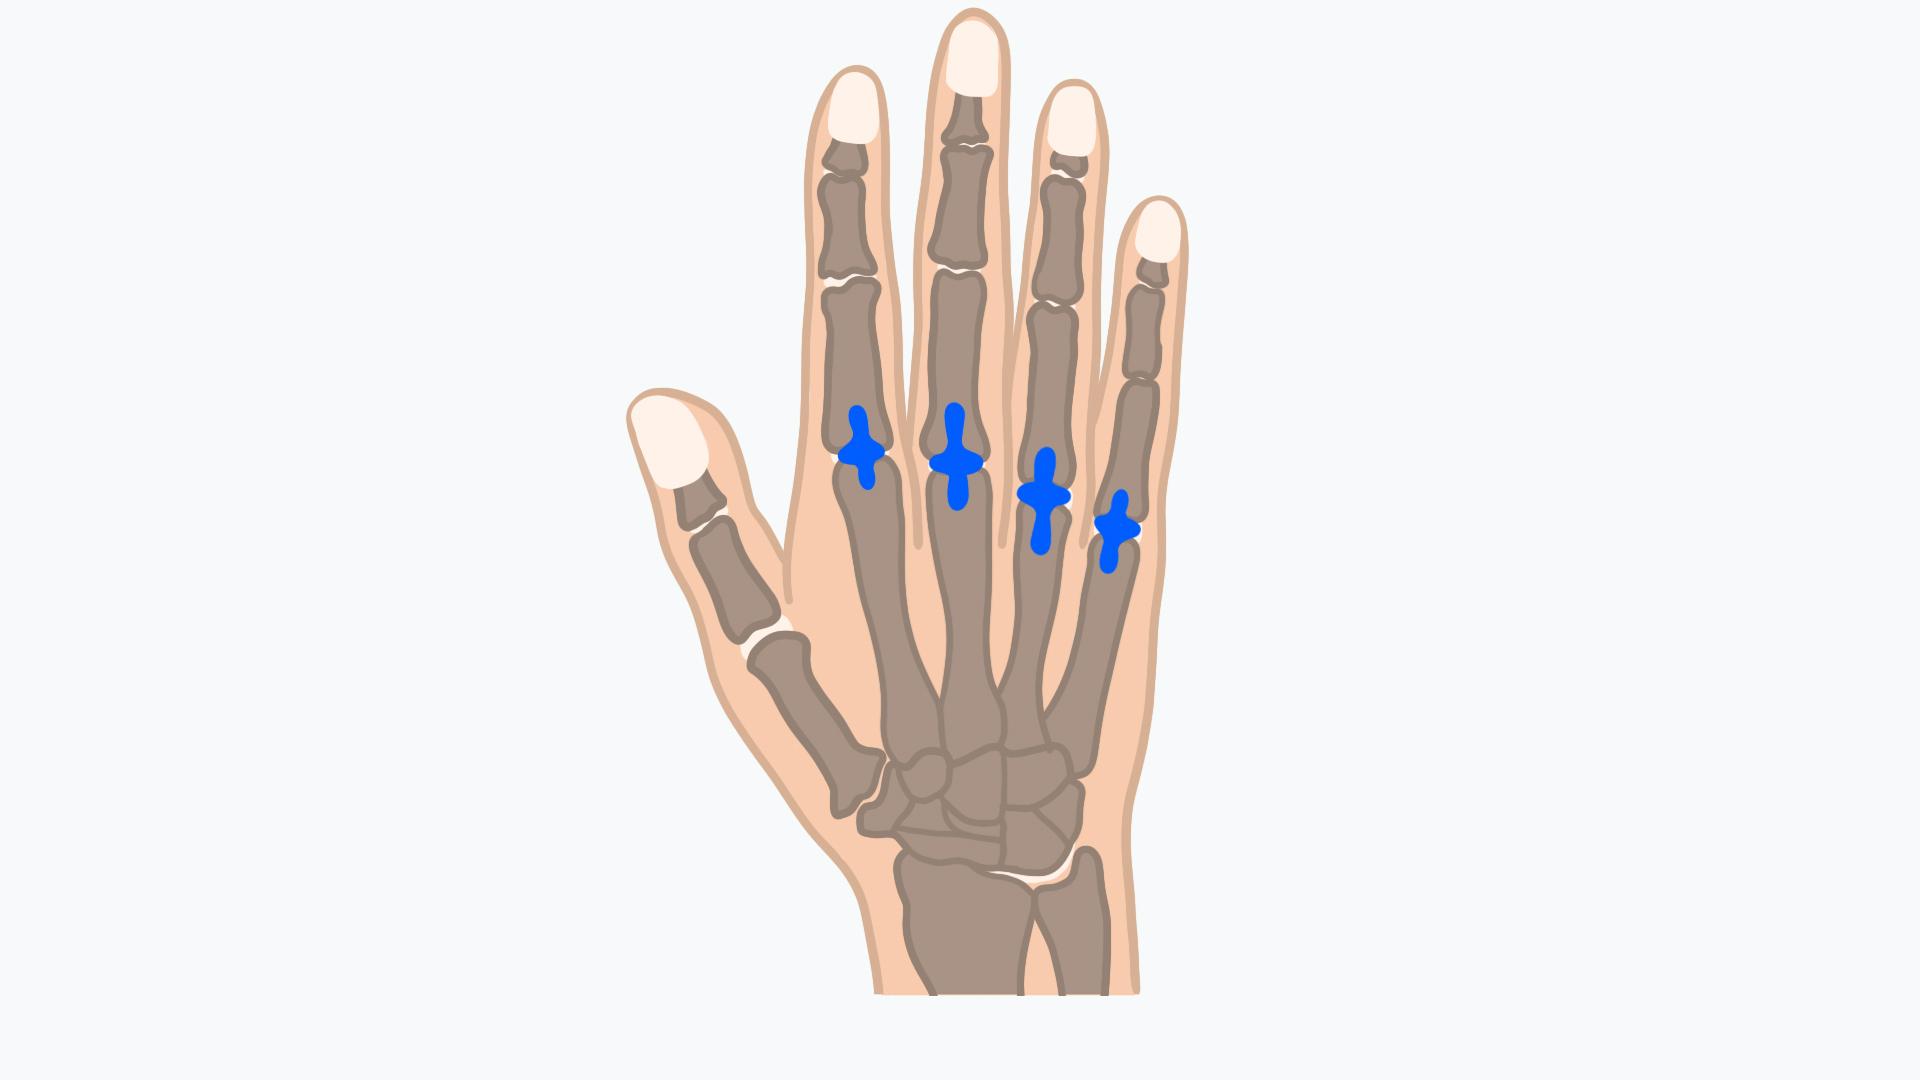 Bei der Arthroplastik werden künstliche Fingergelenke eingesetzt